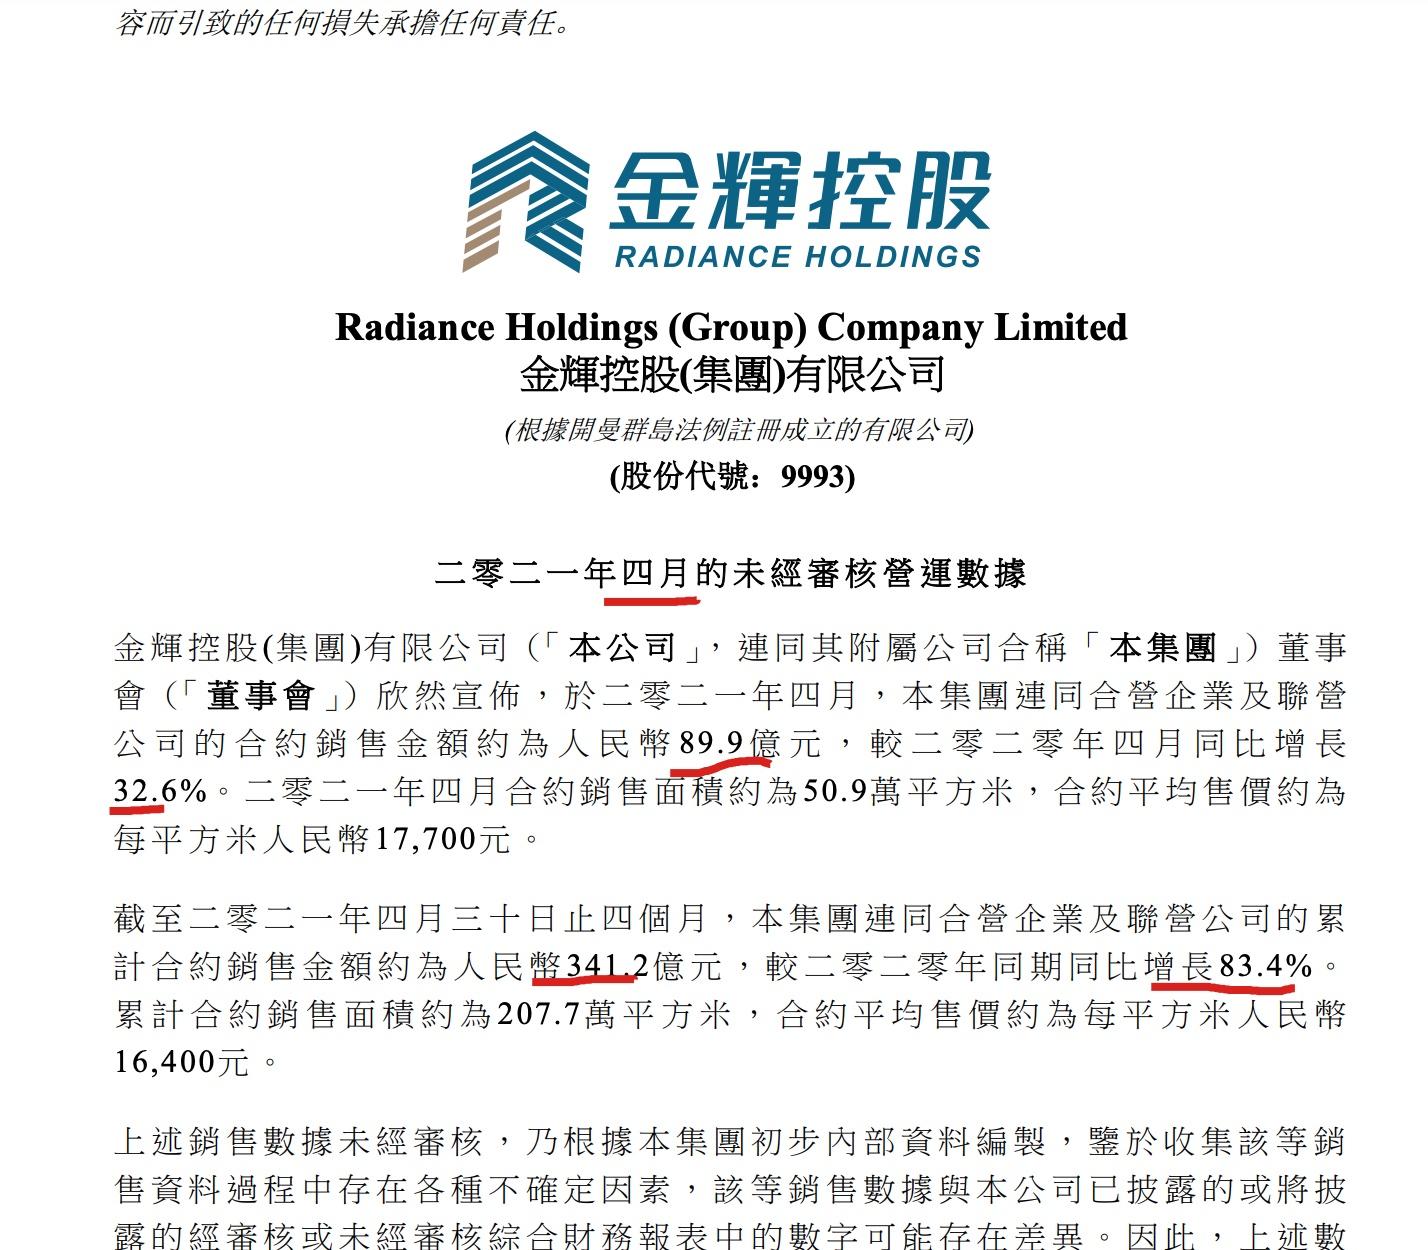 金辉控股前4月销售同比增83.4% 继总负债后流动负债再破千亿